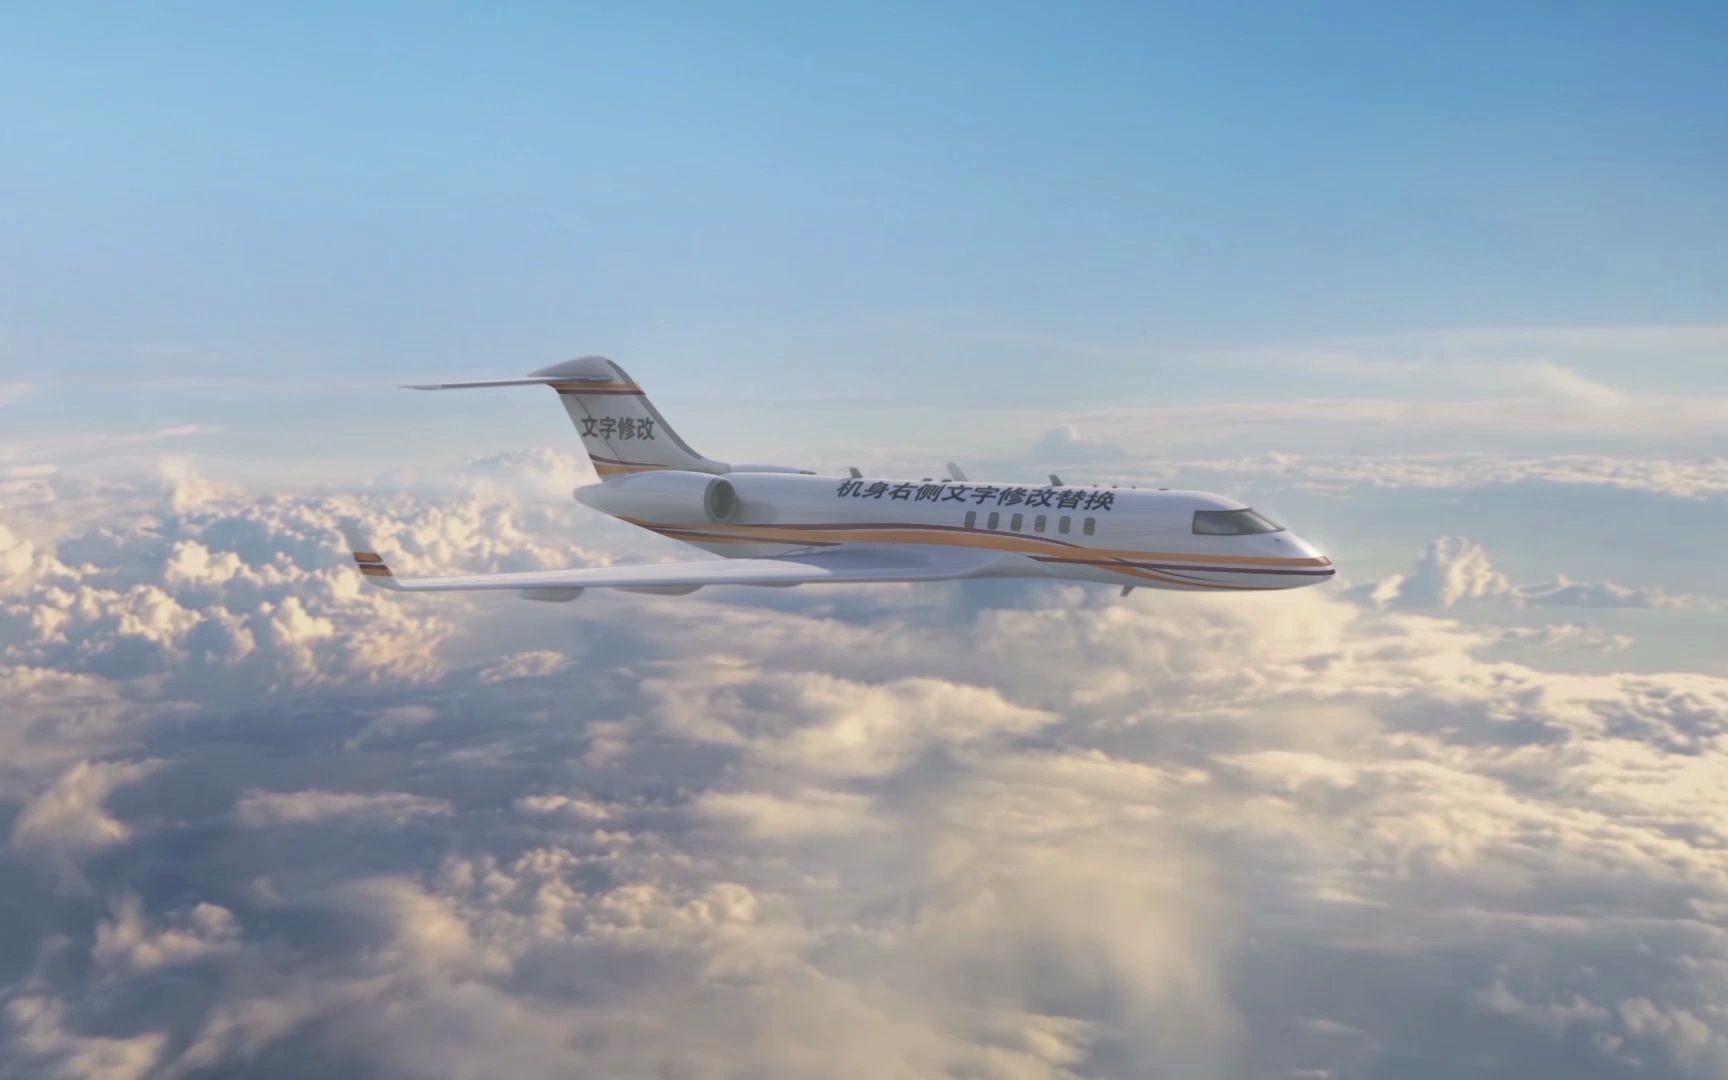 【AE模板】微信宣传小视频航空飞行